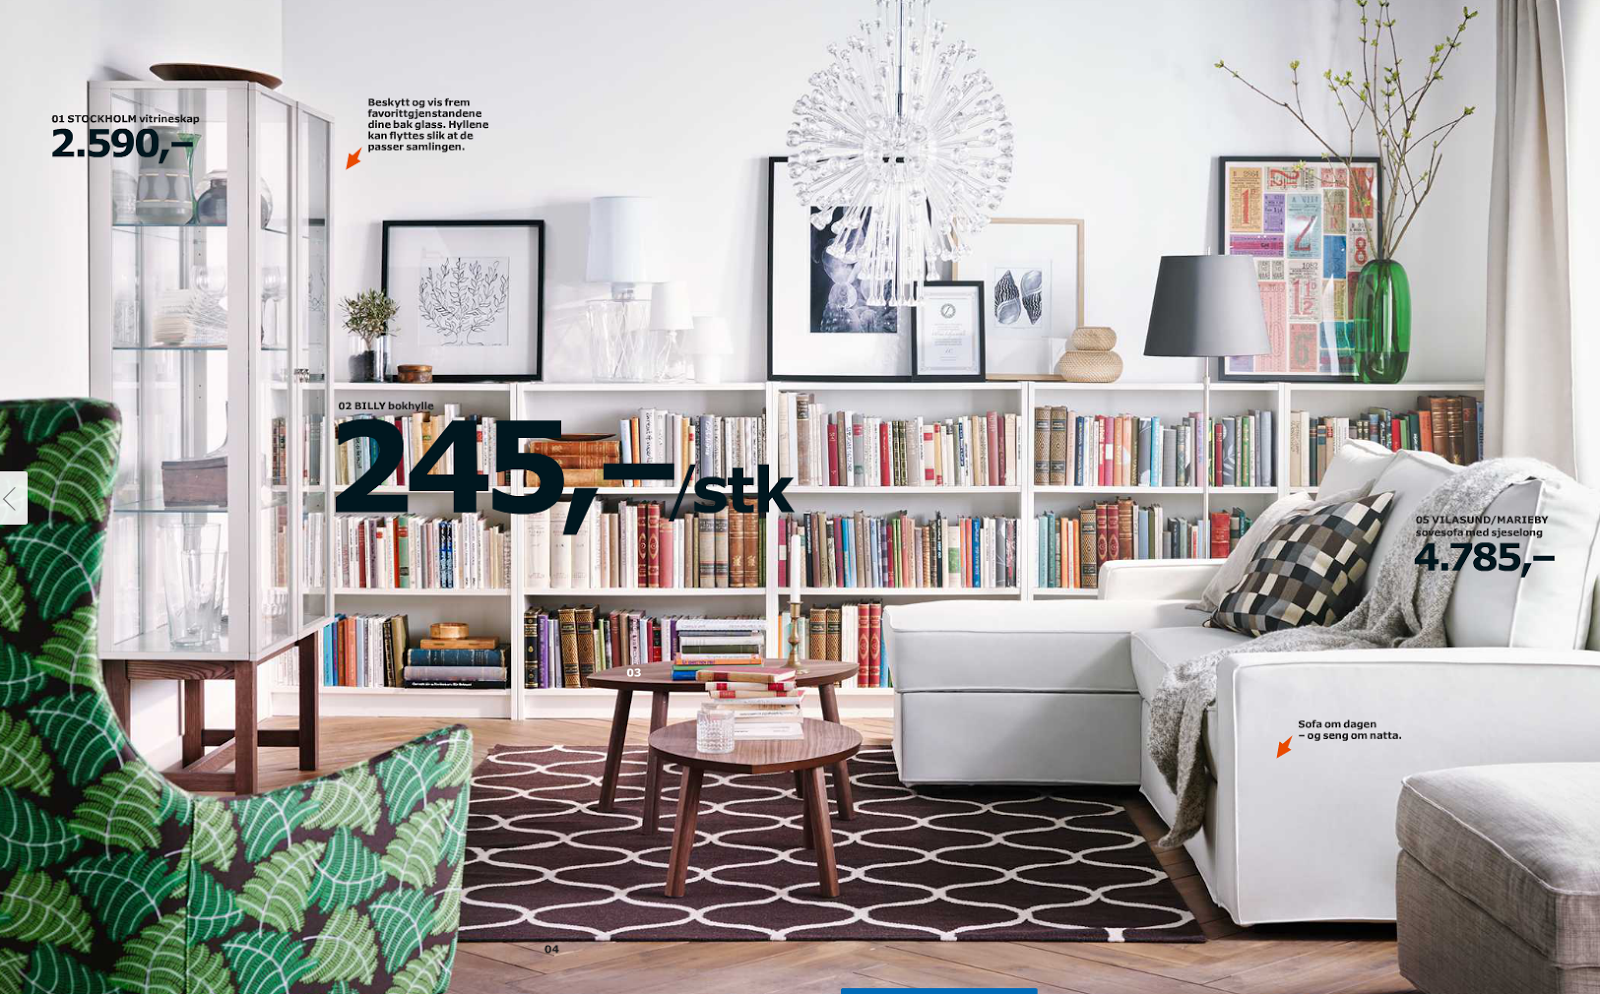 Музыка и видеоролик из рекламы ИКЕА - Каталог 2015 будит любовь